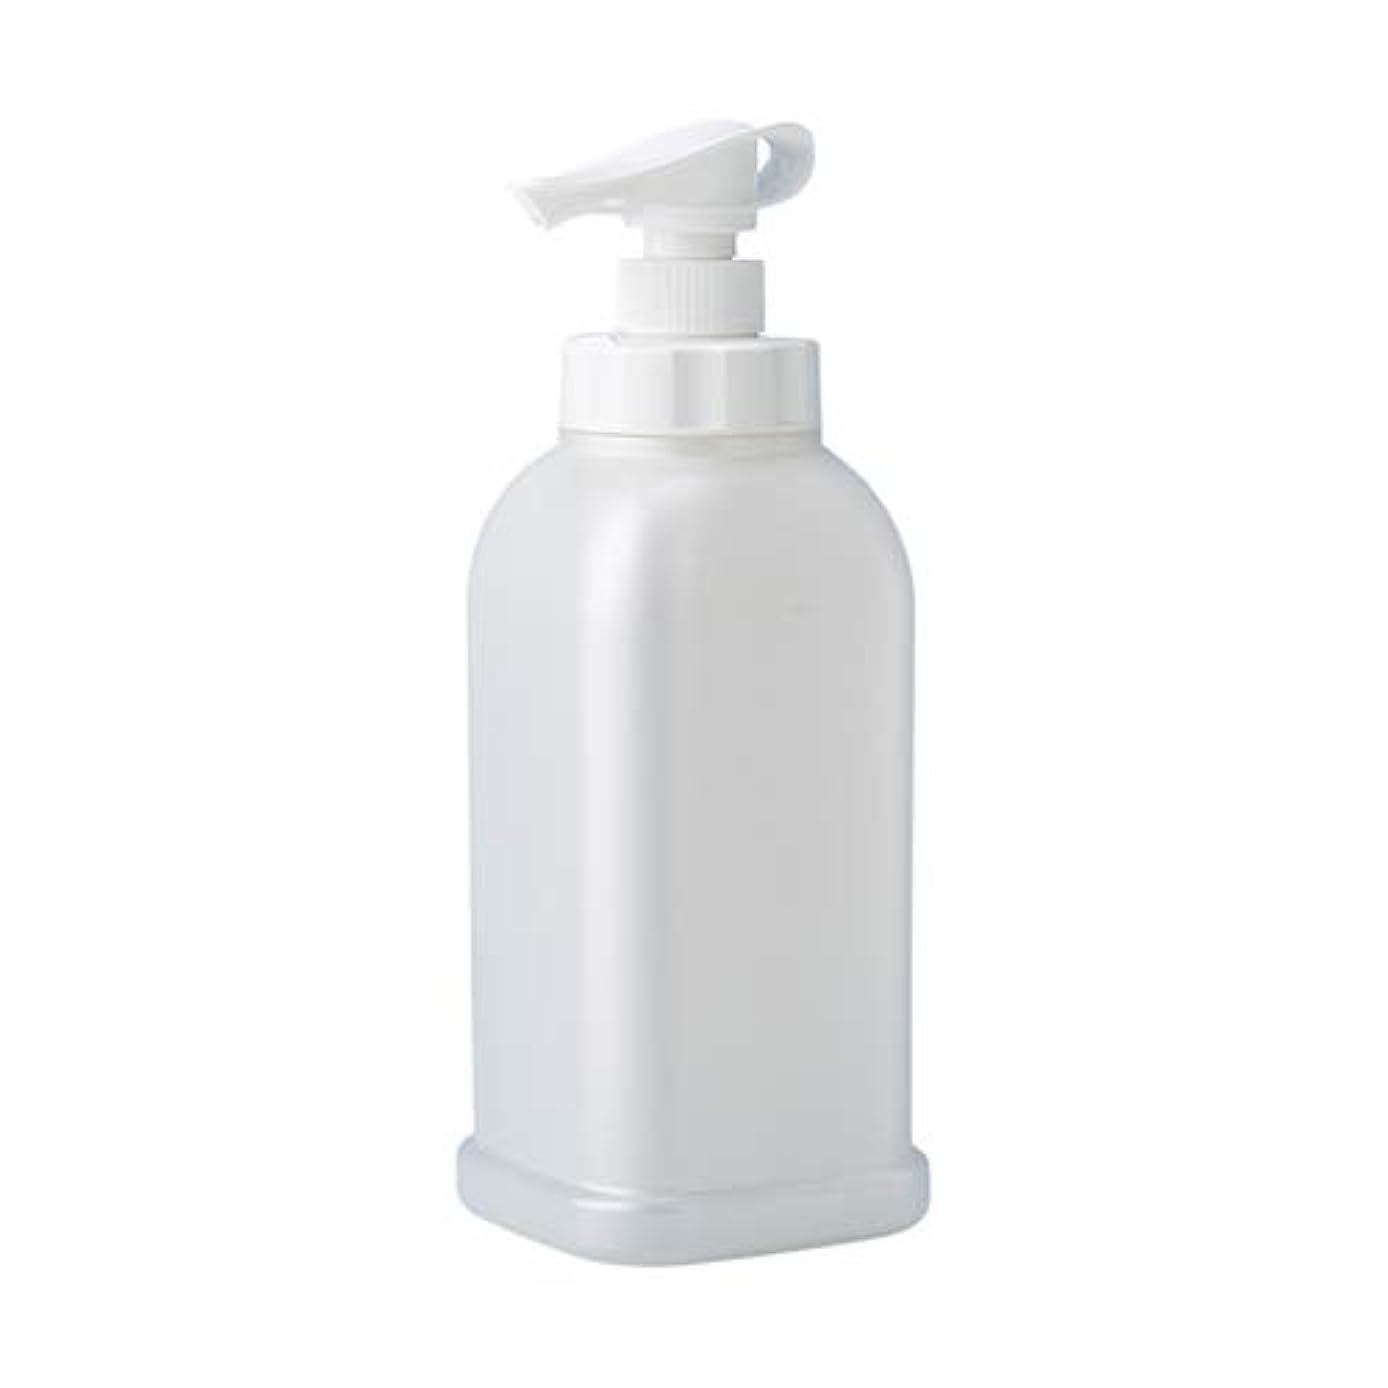 シャーク説教ほうき安定感のある ポンプボトル シャンプー コンディショナー リンス ボディソープ ハンドソープ 1.2L詰め替え容器 パールホワイト